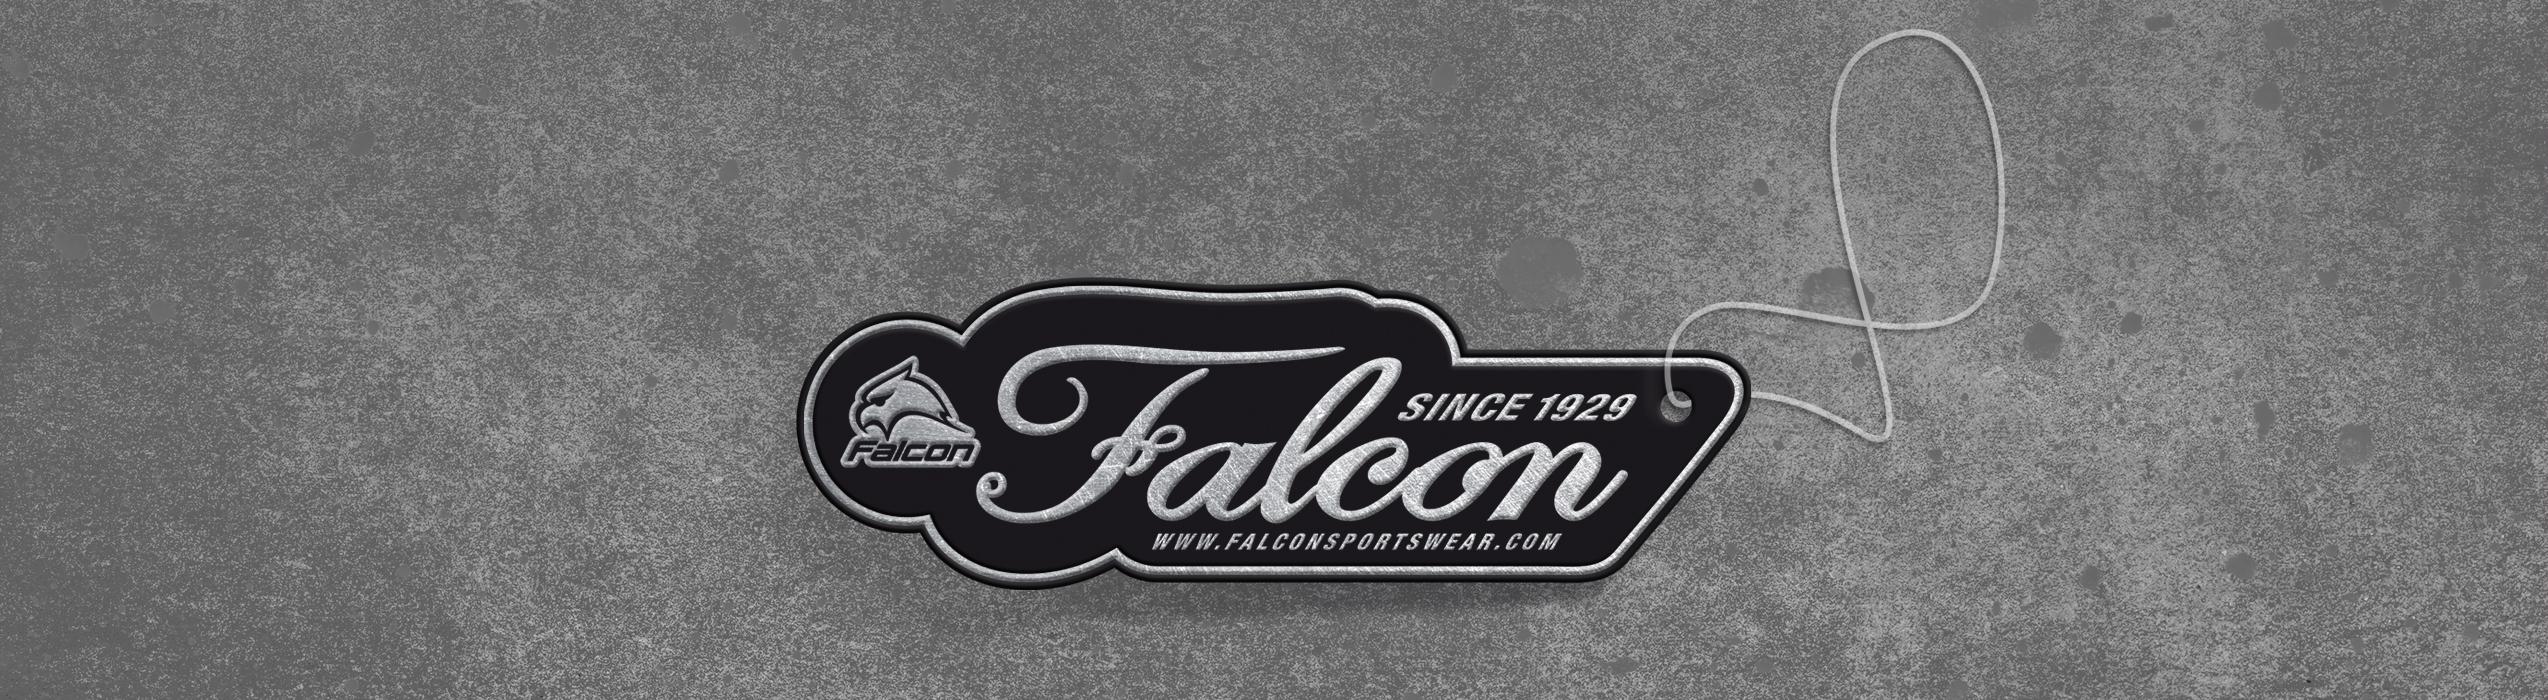 Falcon_hangtag_ringel_design©